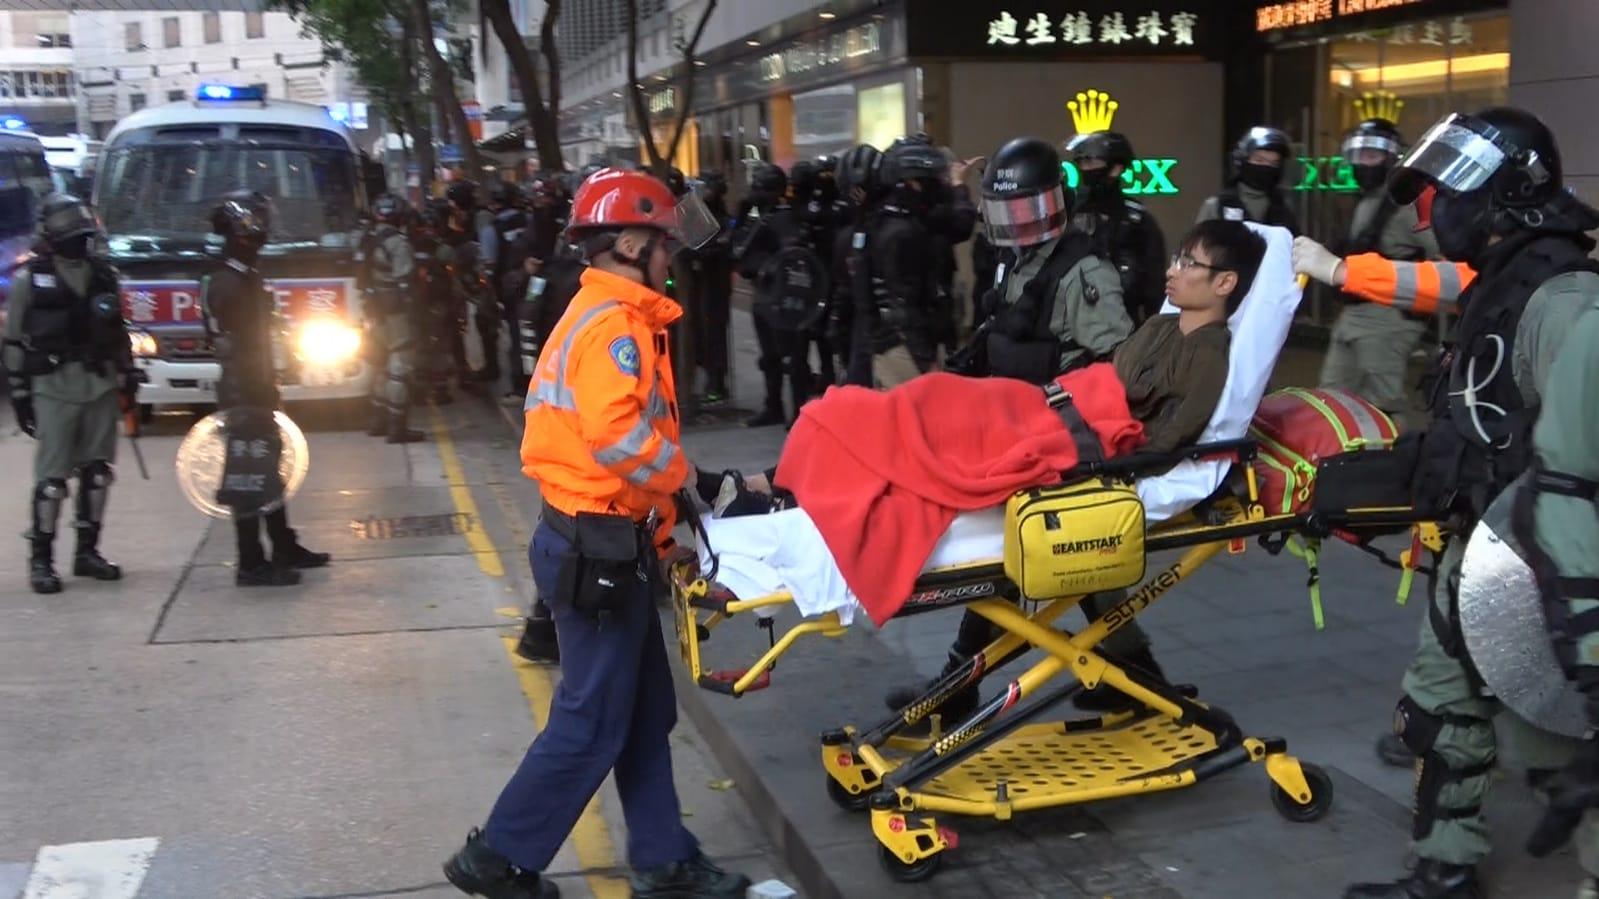 表示有18名傷者需要送院,其中7男4女穩定,一個未情況未明。